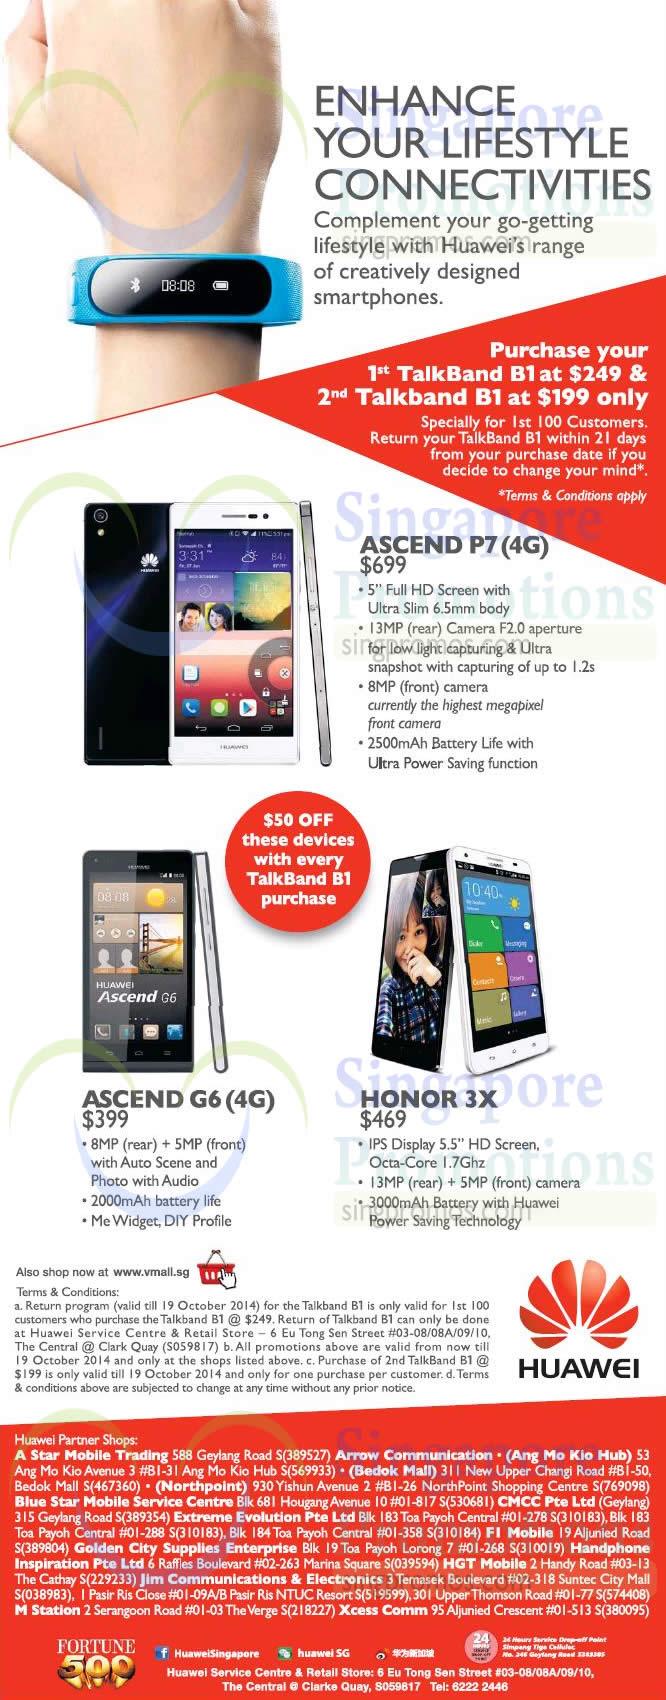 Mobile Phones Ascend P7, Ascend G6, Honor 3X